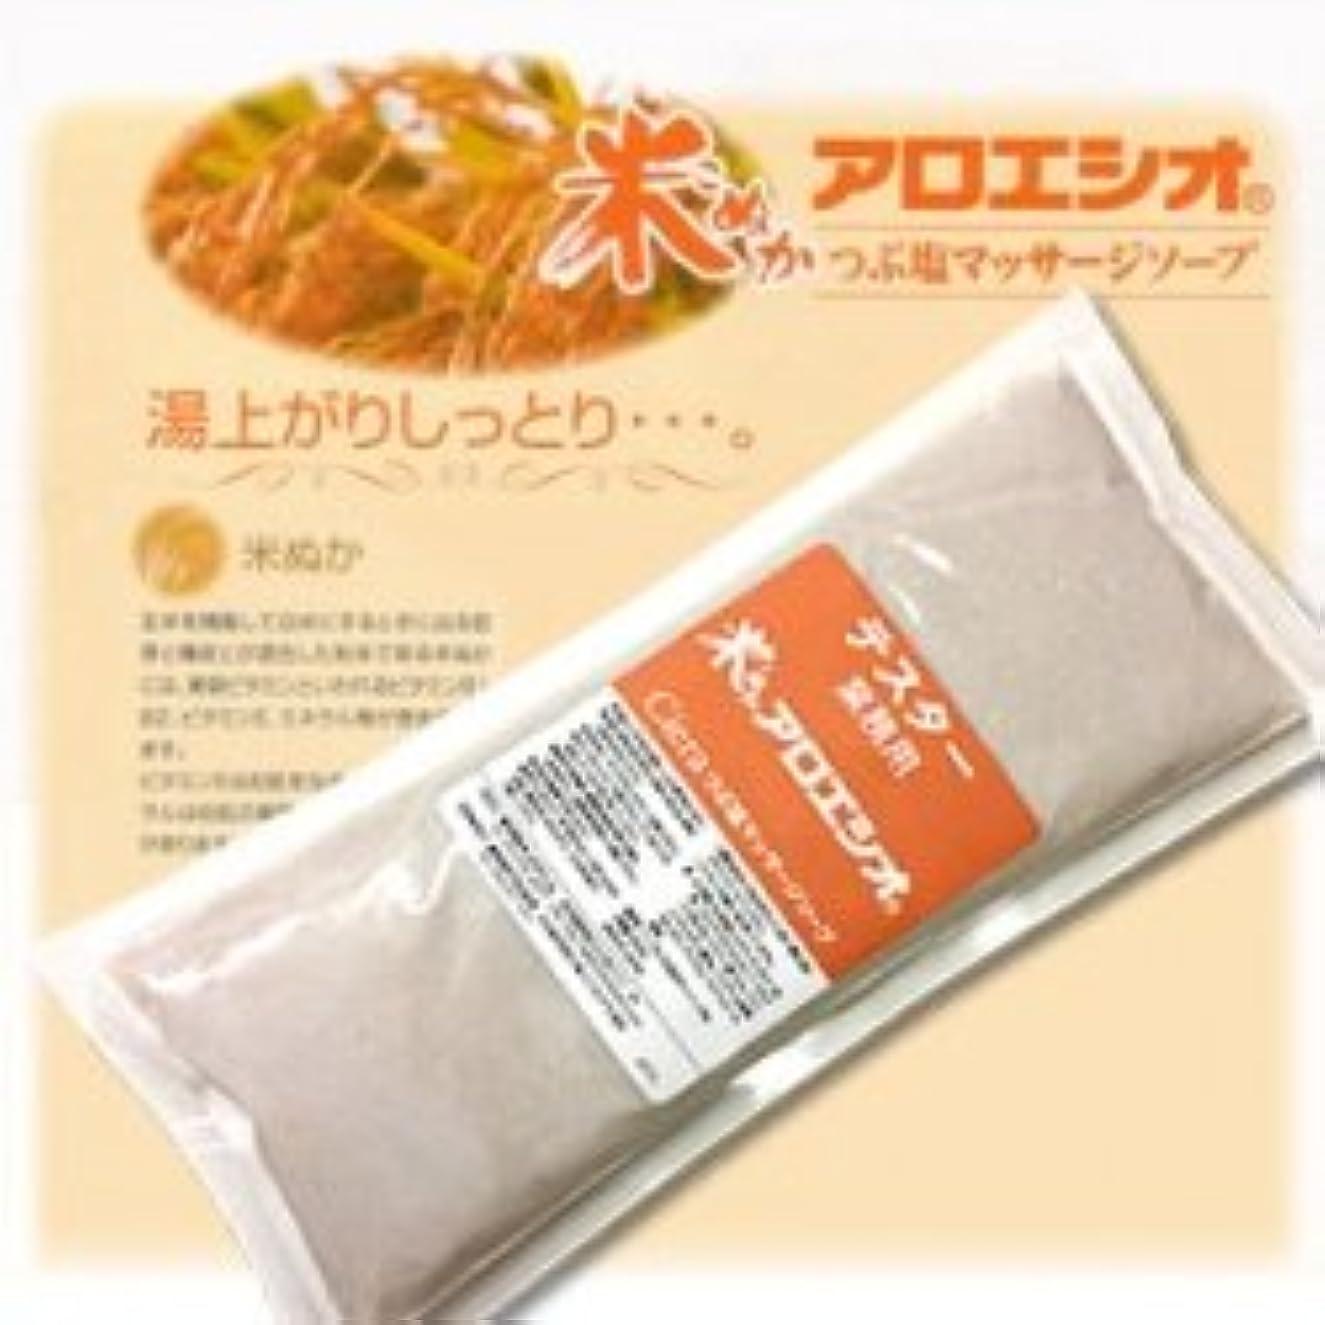 均等にシュガー後方に業務用米ぬかアロエ塩 800g つぶ塩マッサージソープ/ フタバ化学 アロエシオ Ciera